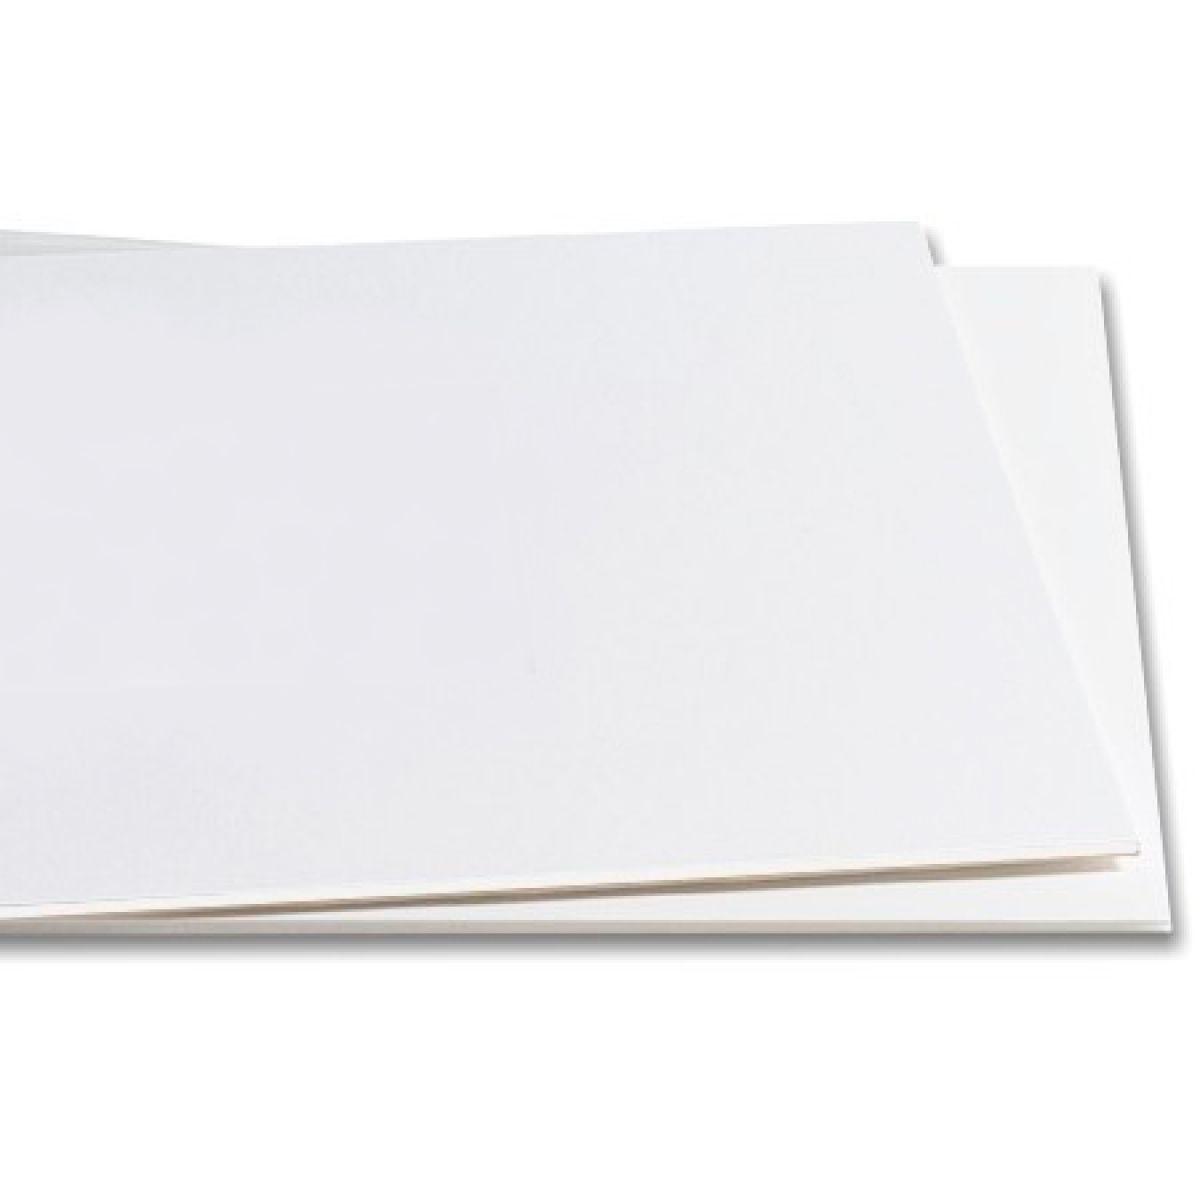 Papel Couche Brilho 250g A4 Embalagem Com 50 Folhas Phandora